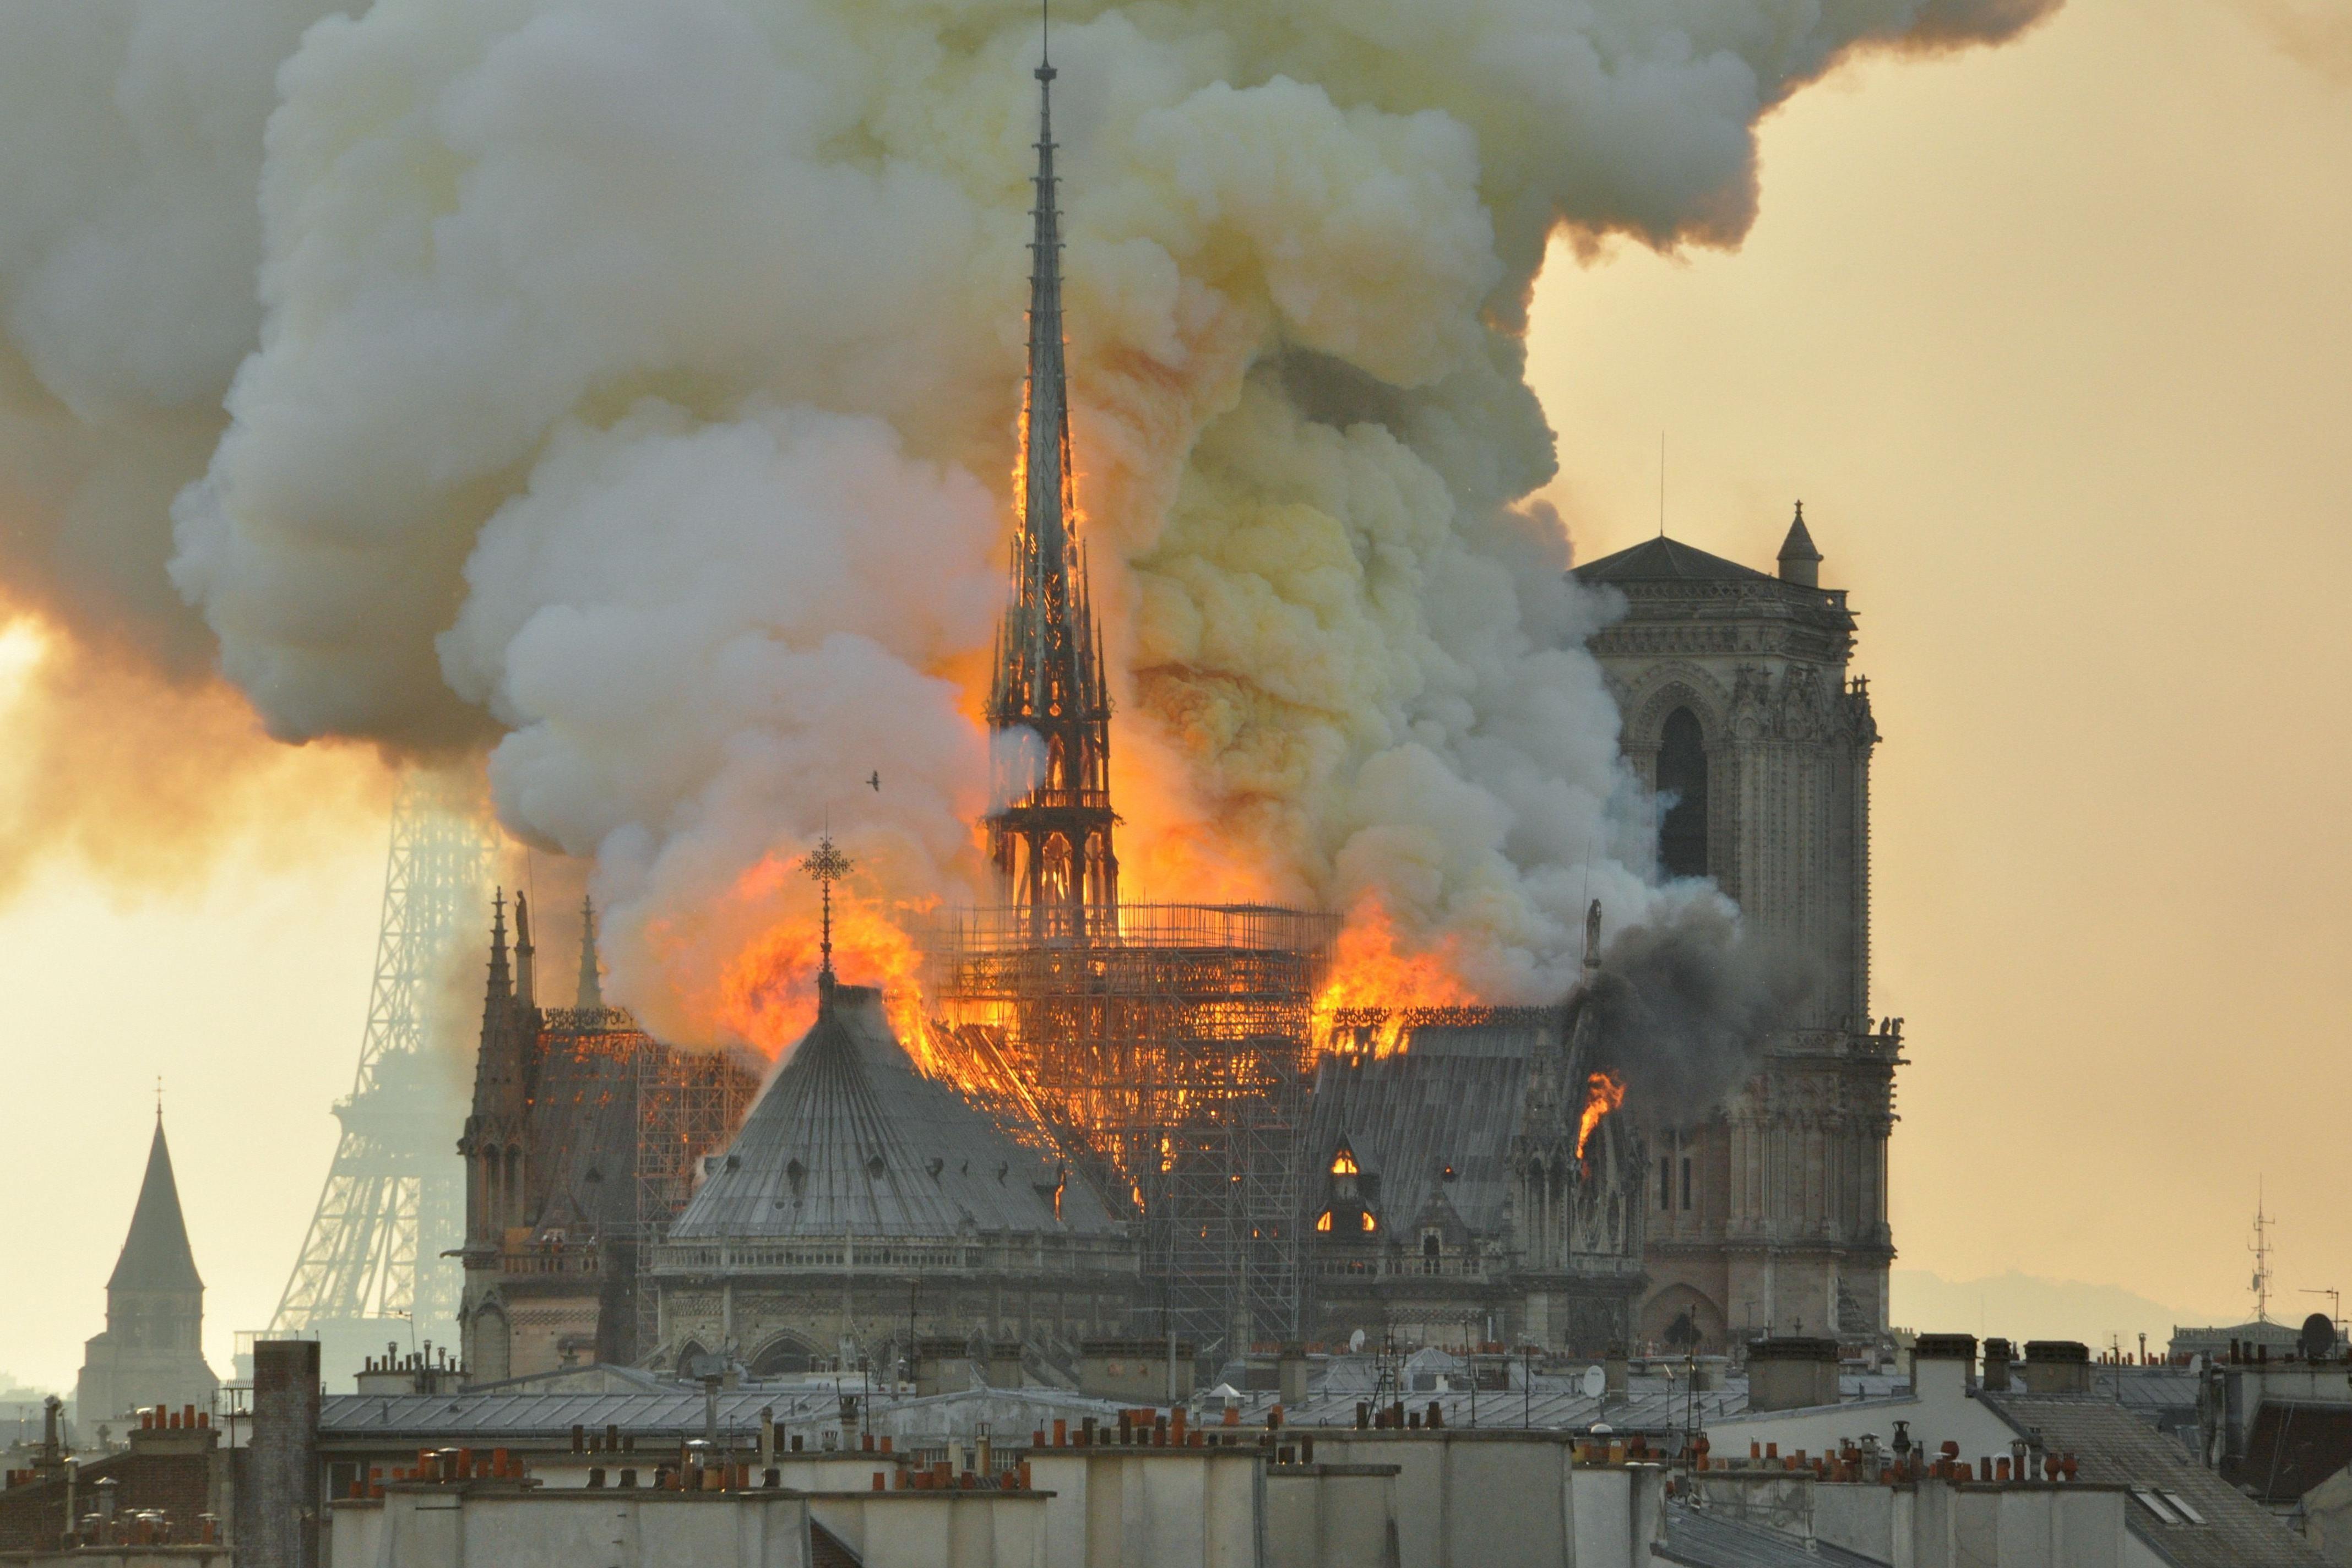 pourquoi incendie notre dame paris choc autant monde - Ecos de Paris II, O Fantasma das nossas Óperas, Paris está a arder